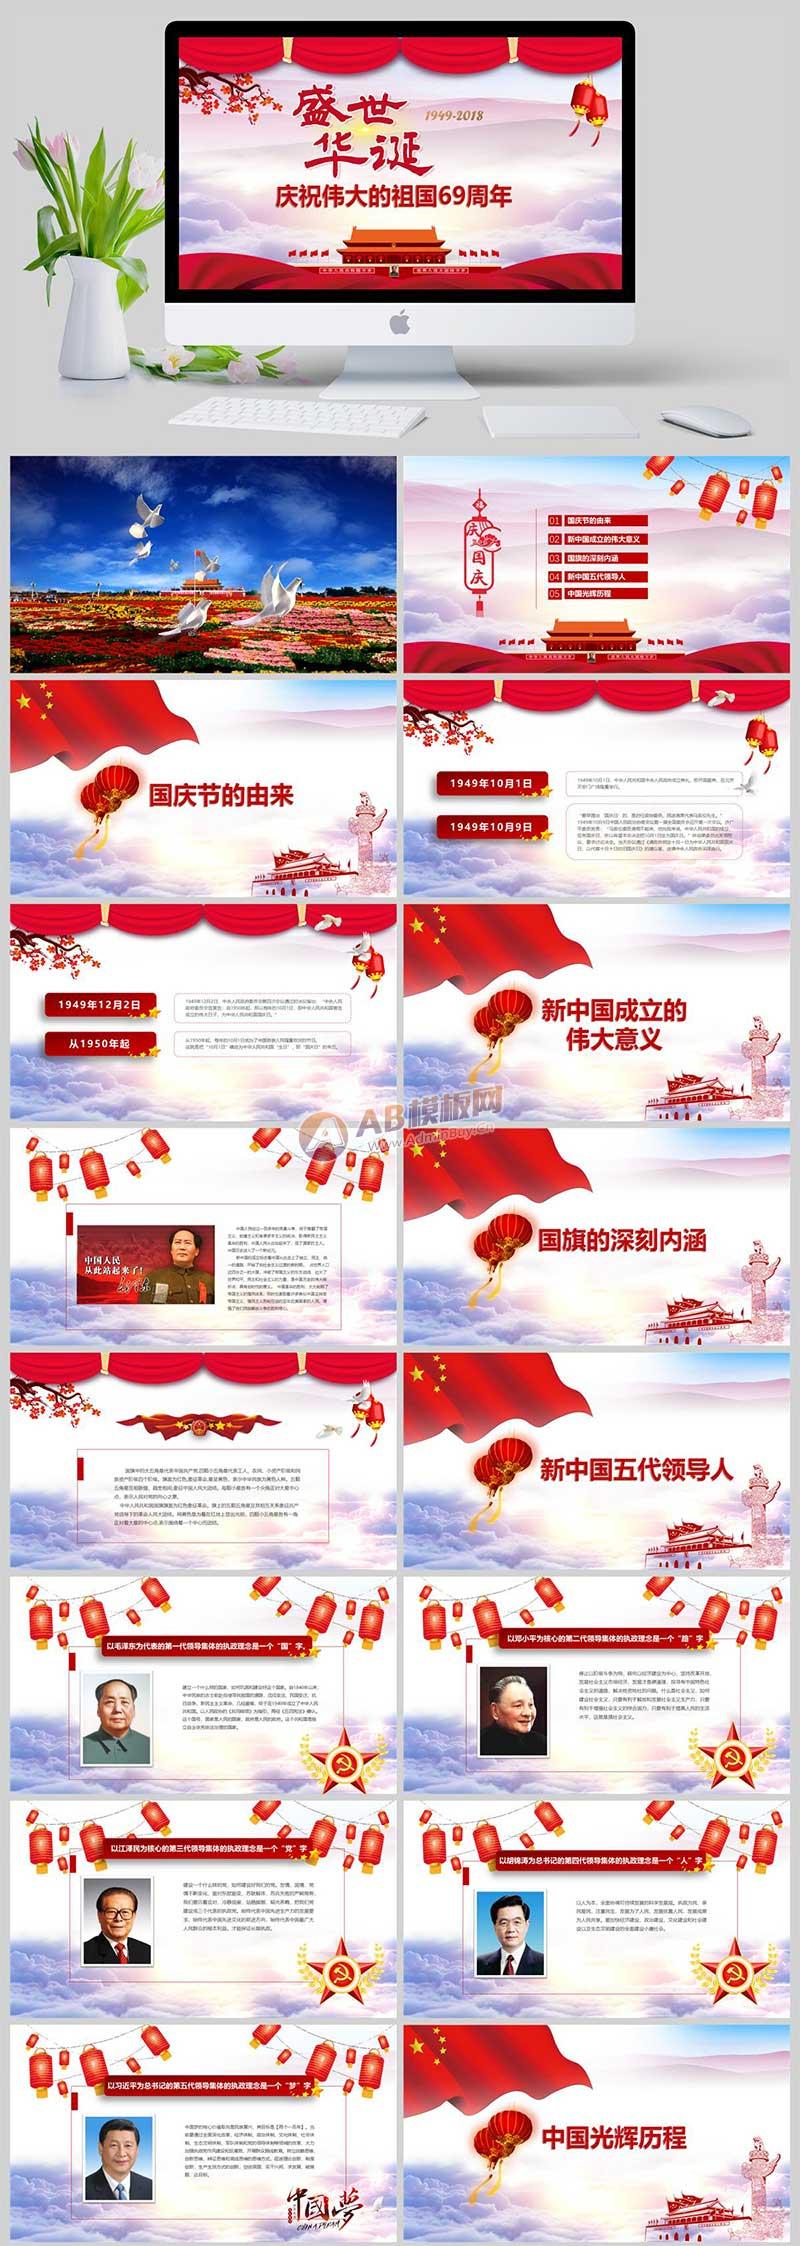 震撼国庆白鸽视频开头69周年国庆节PPT模版